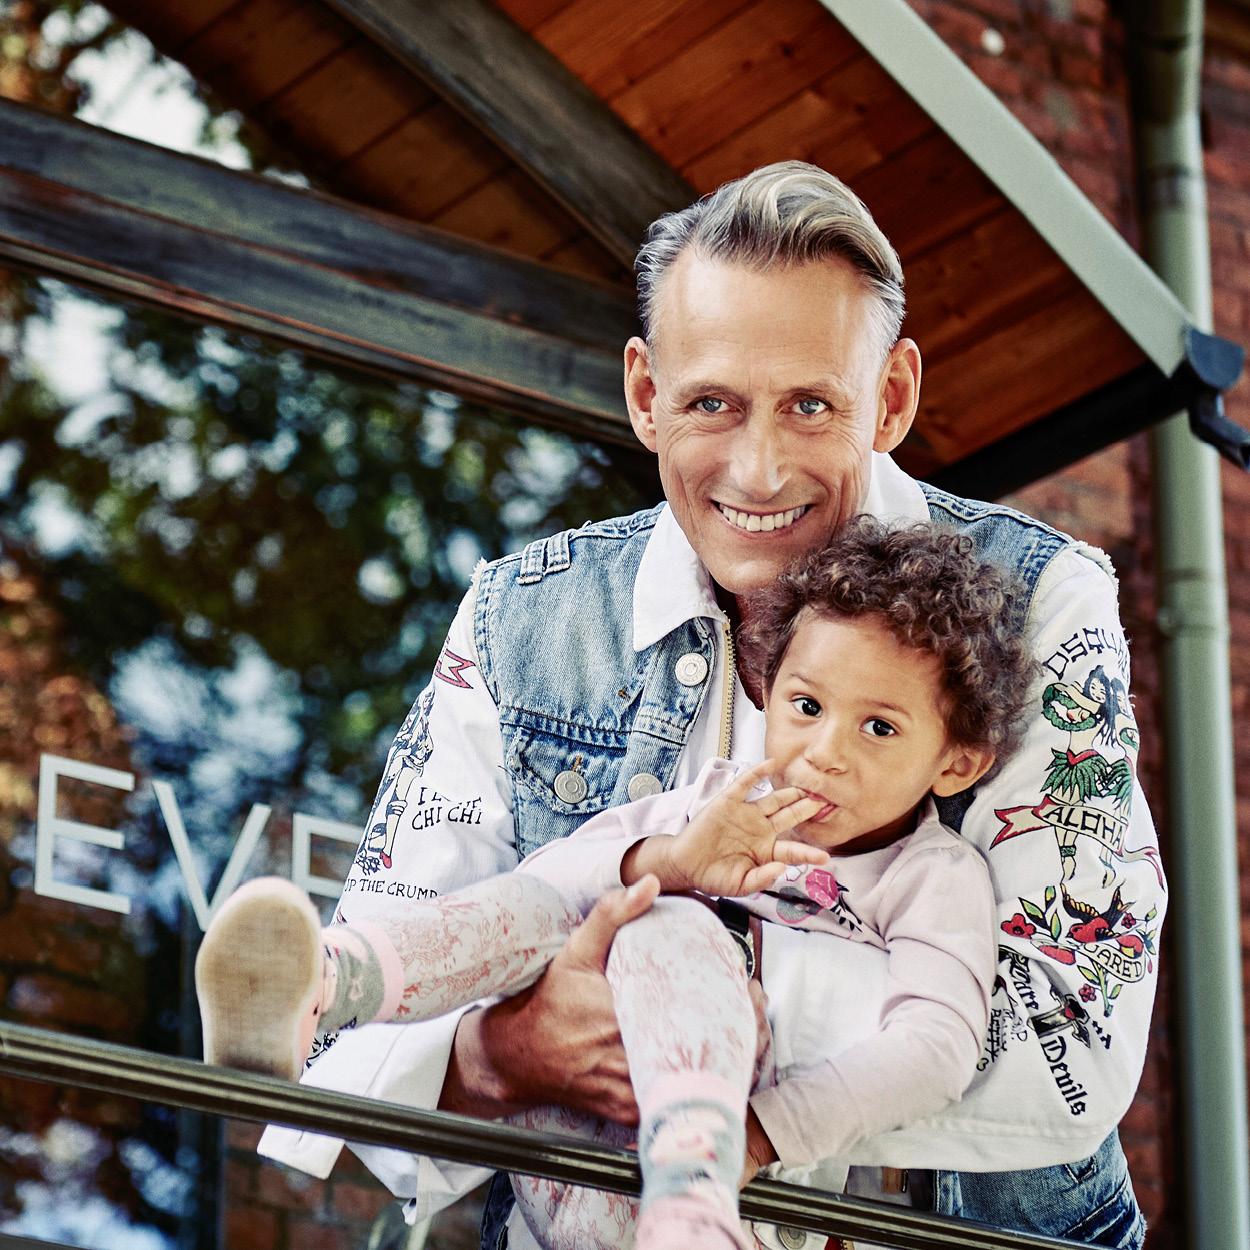 Andreas und kleiner Junge